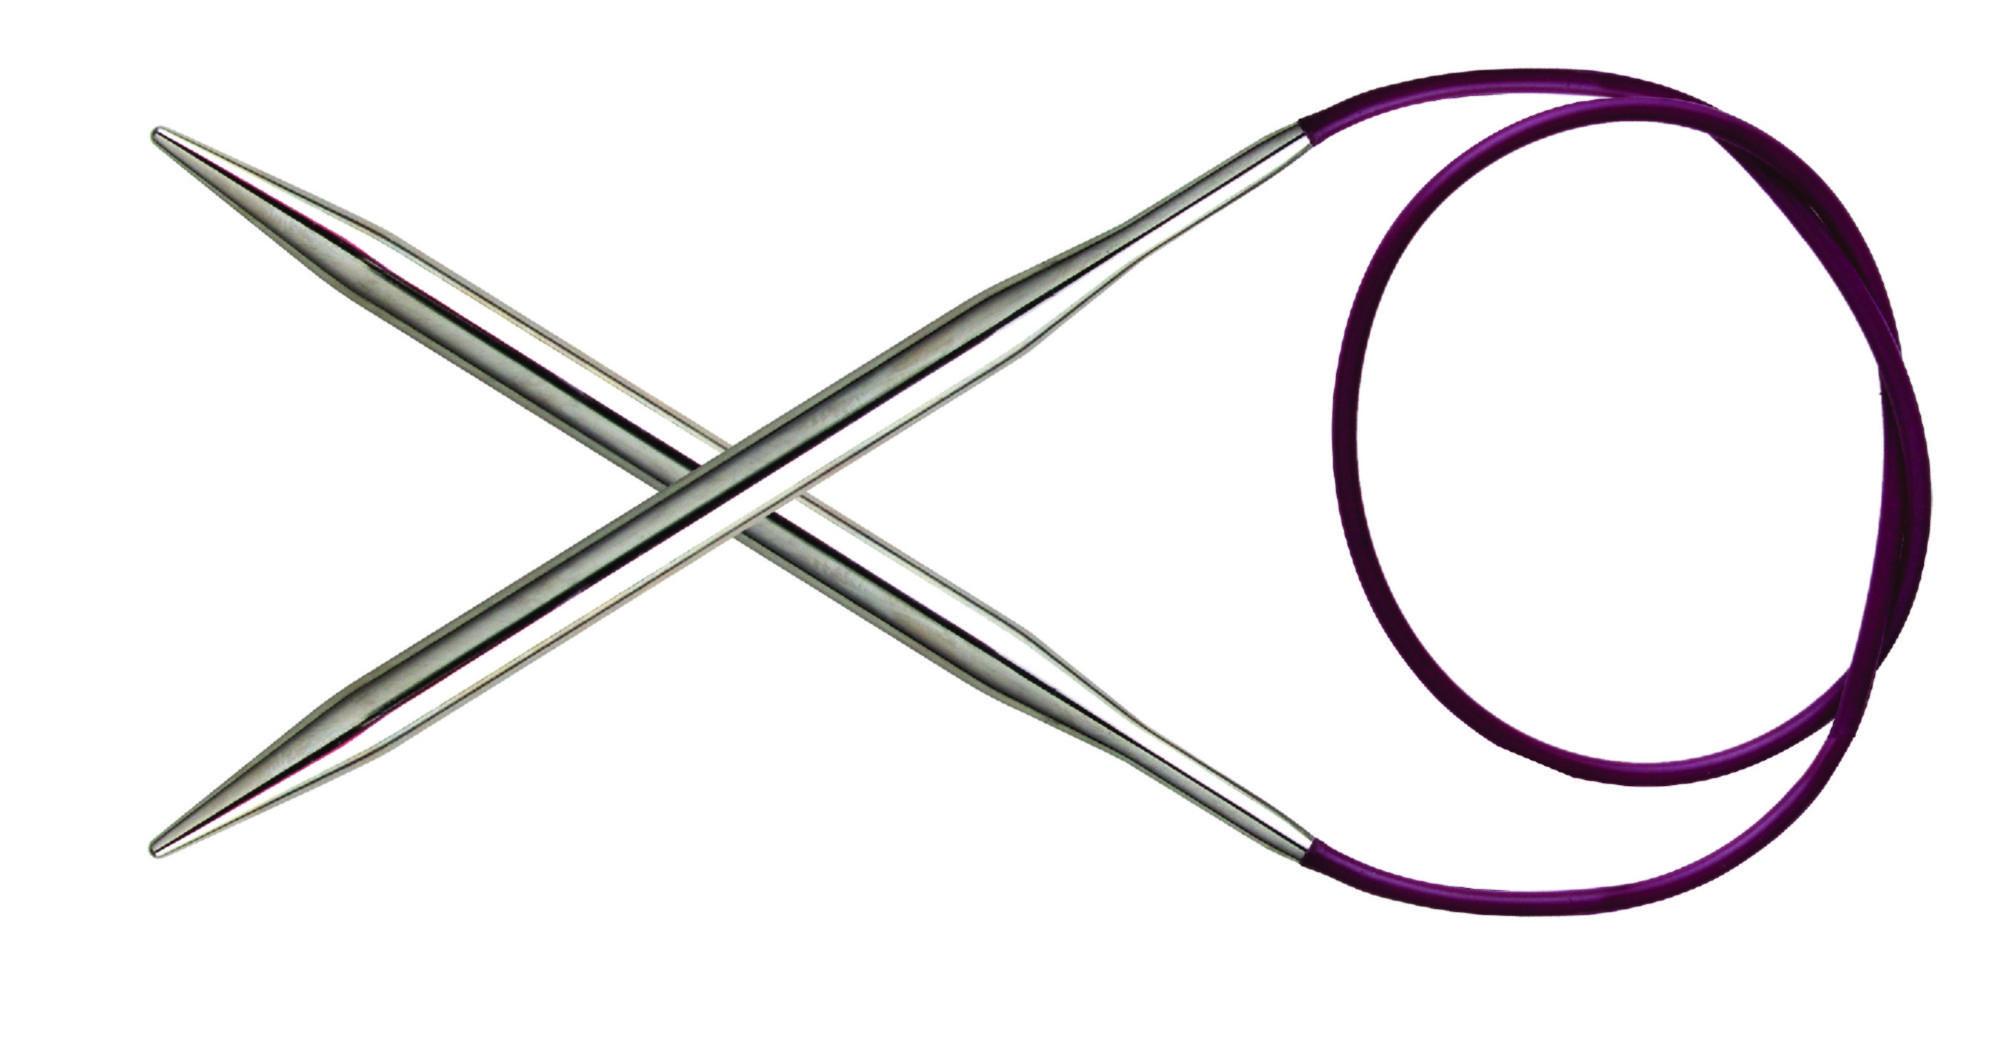 Спицы круговые 80 см Nova Metal KnitPro, 11335, 3.50 мм